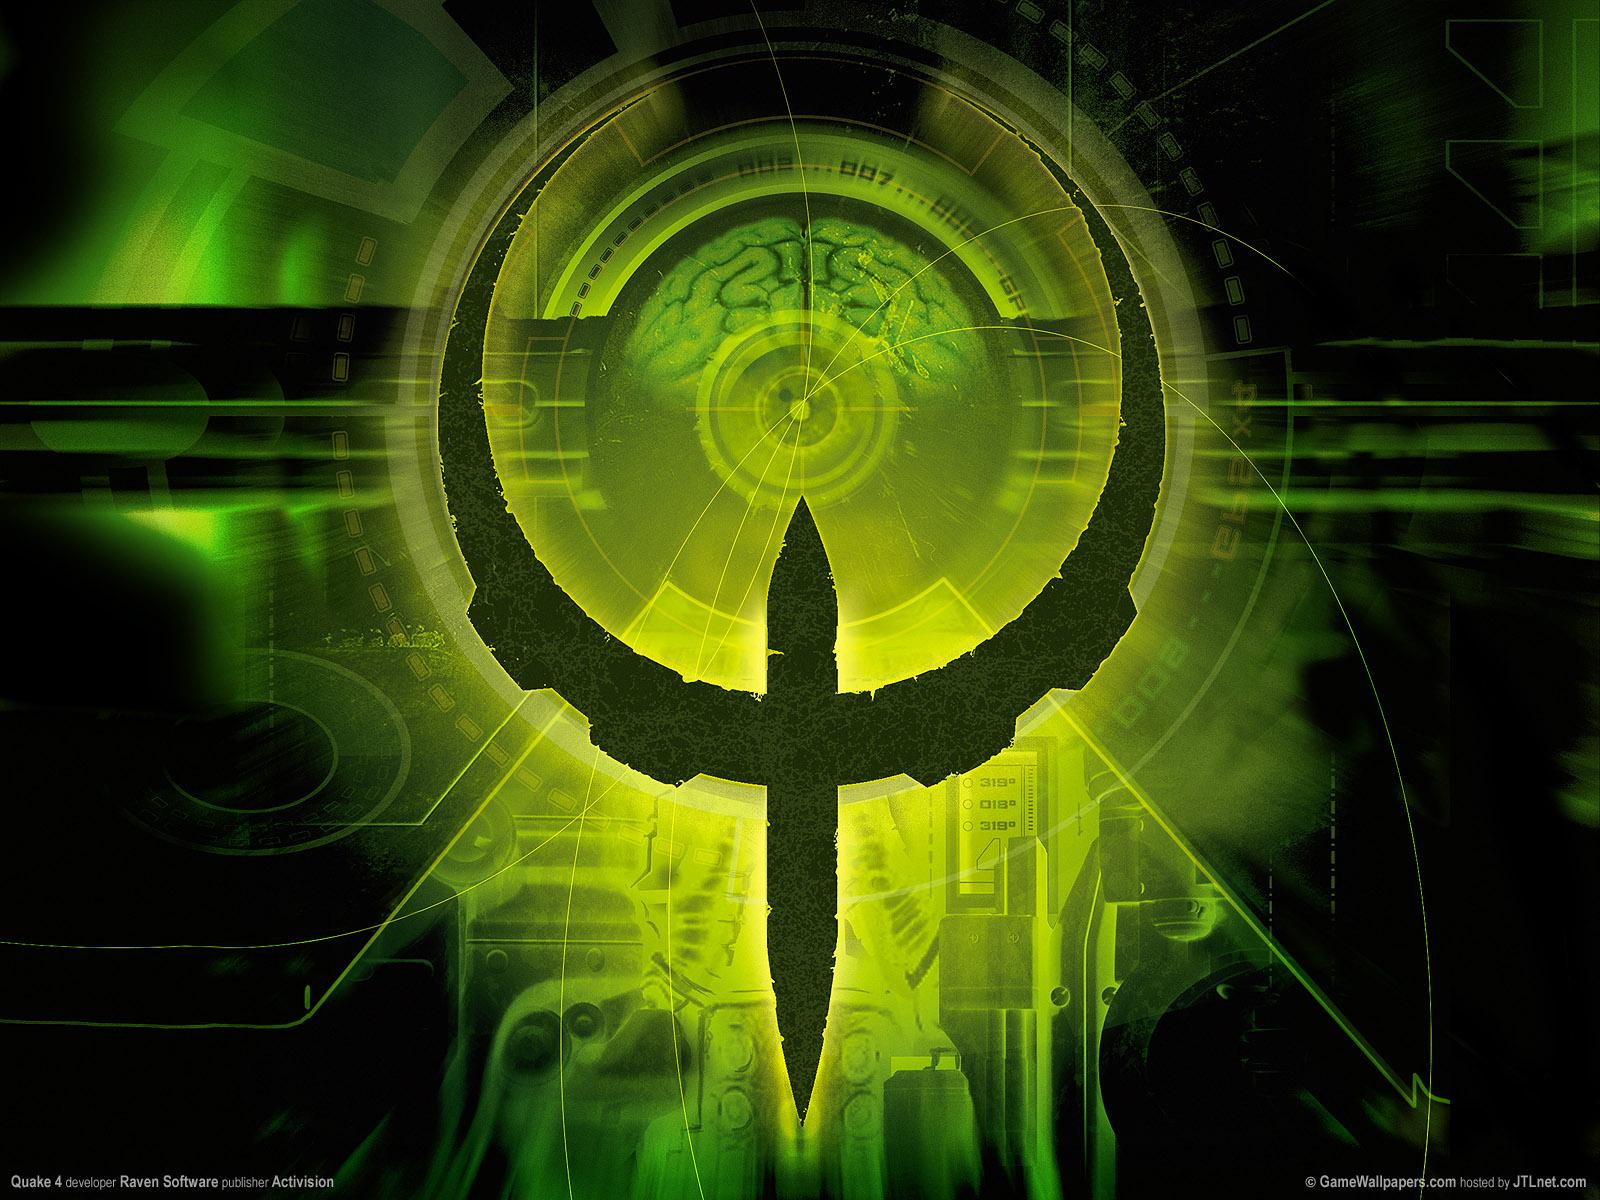 Quake 4 fondos de pantalla Quake 4 fotos gratis 1600x1200